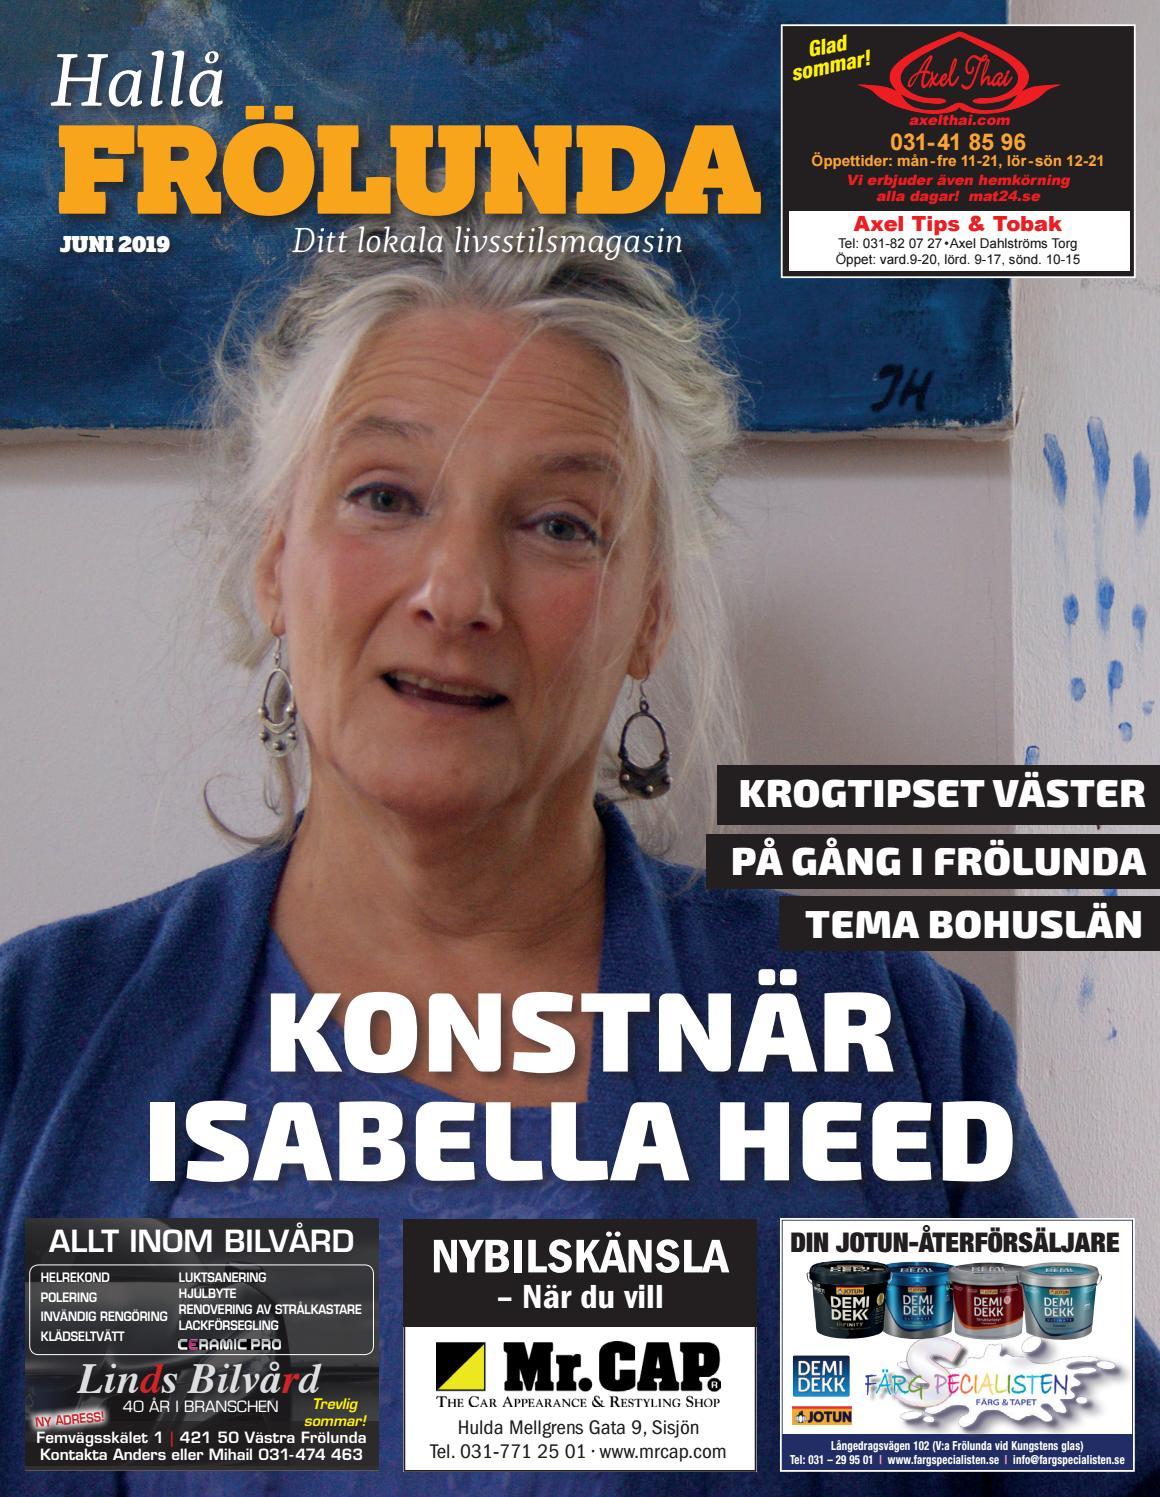 Benny Svensson, Kumleskrsgatan 38, Vstra Frlunda | hitta